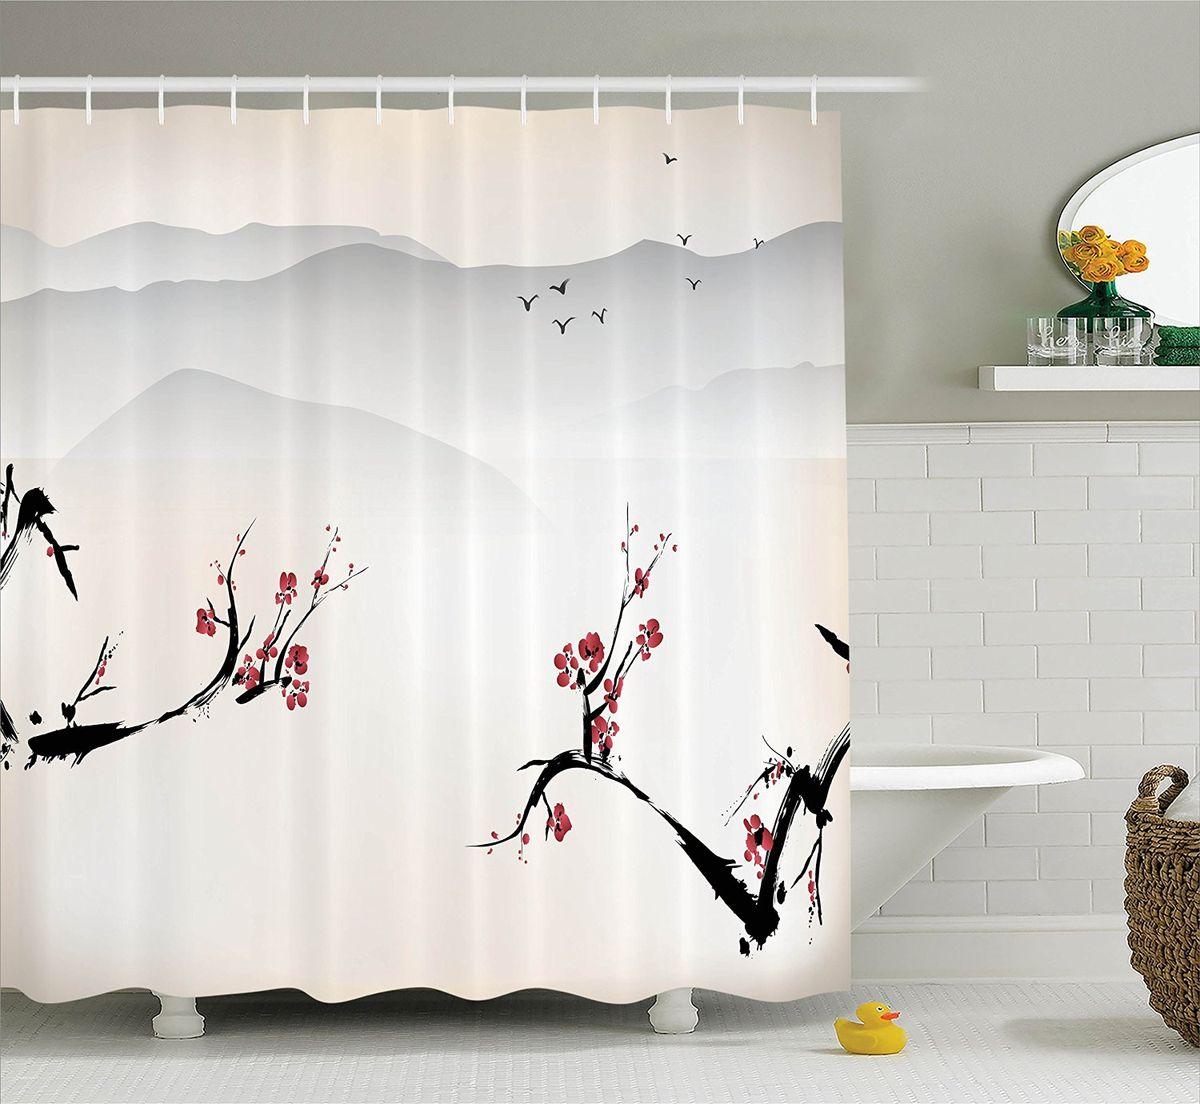 Штора для ванной комнаты Magic Lady Сакура на фоне гор, 180 х 200 см штора для ванной комнаты magic lady дерево в волшебном лесу цвет коричневый оранжевый 180 х 200 см page 4